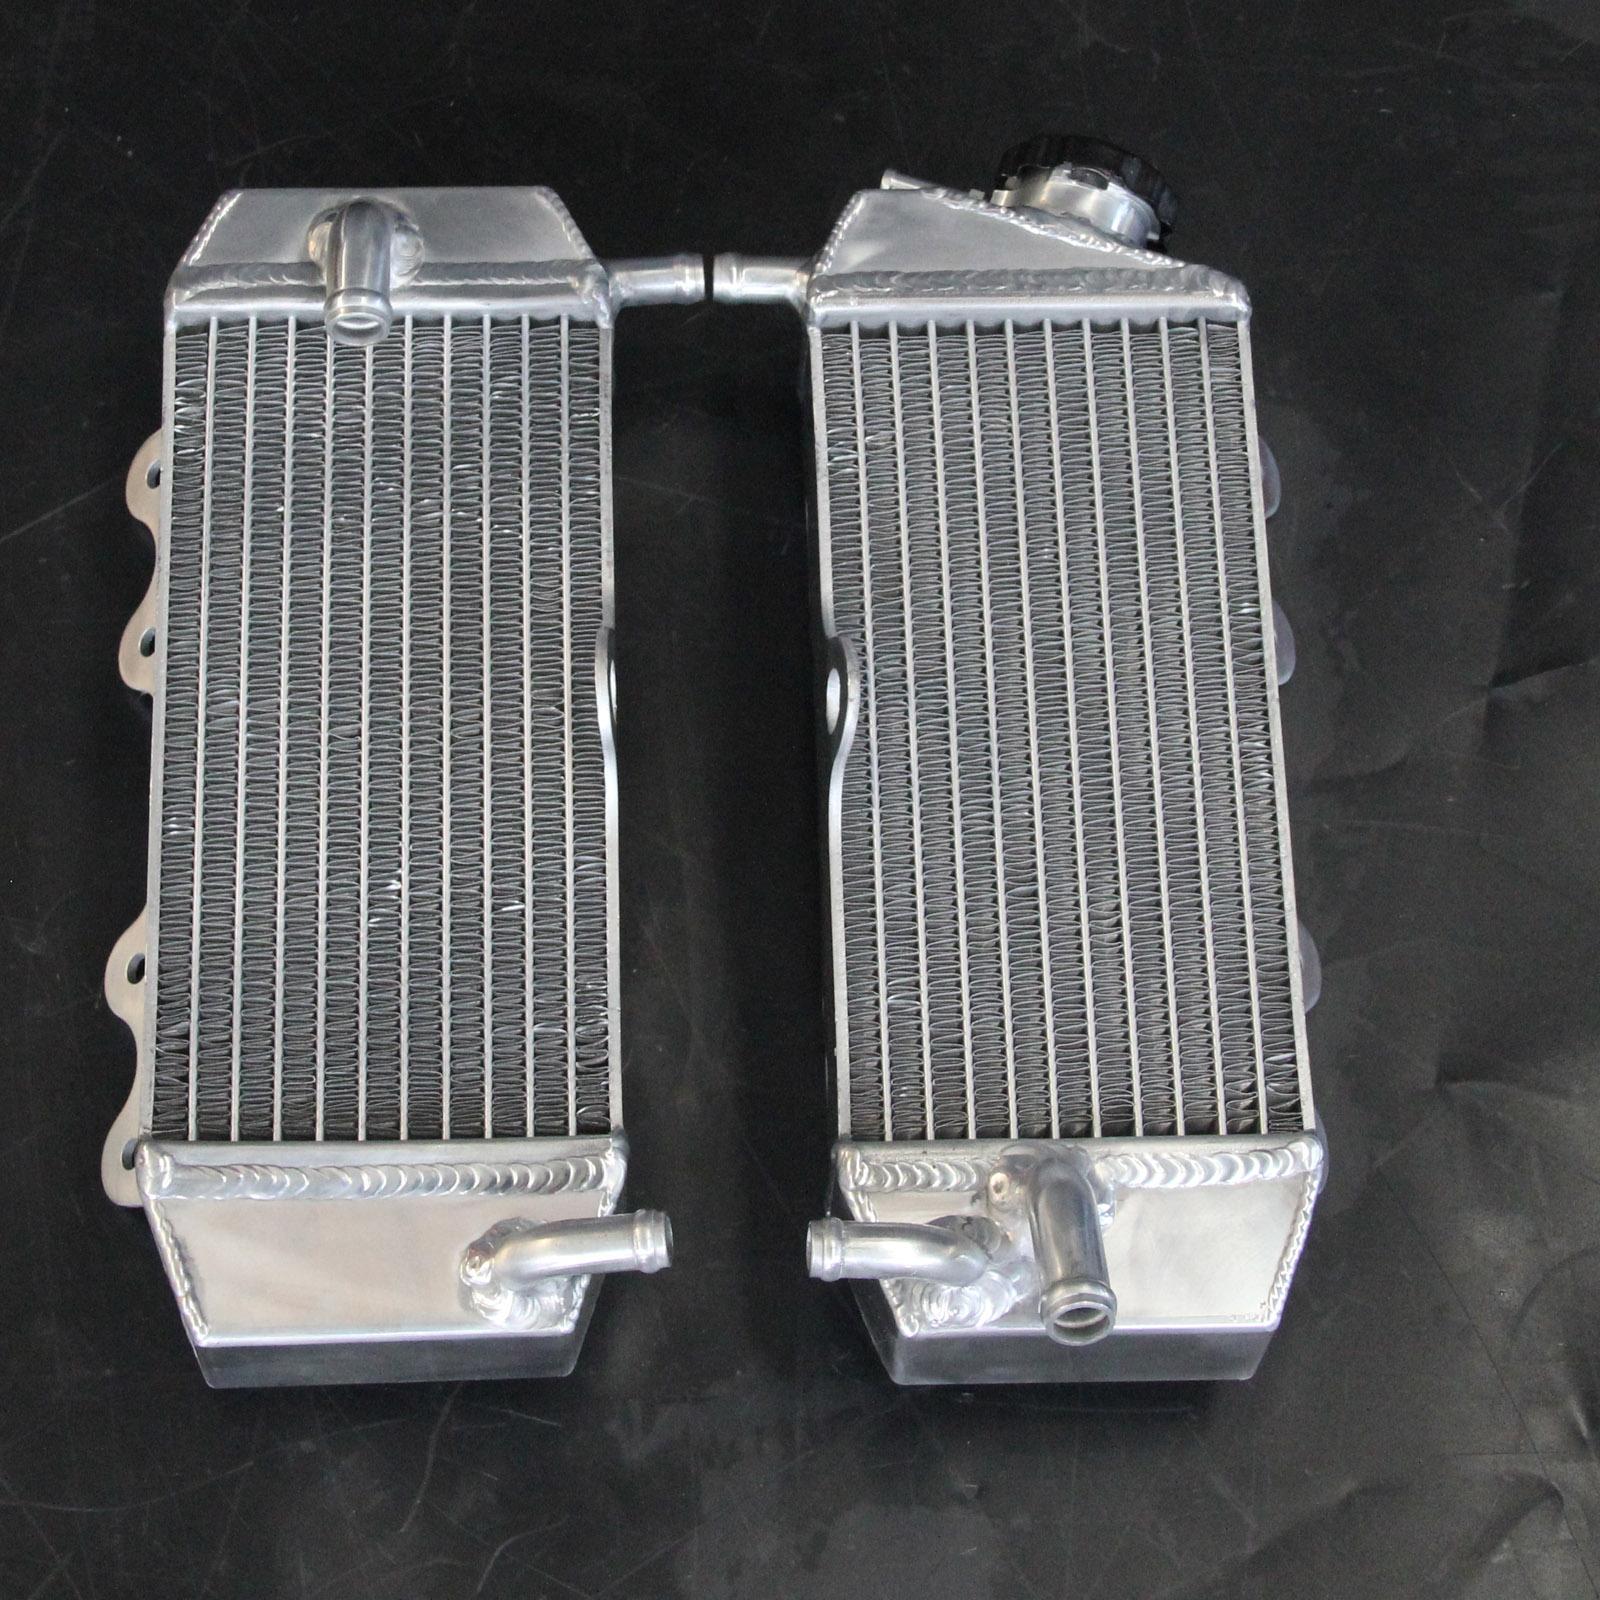 L/&R For KAWASAKI KX125 KX 125 1990 1991 1992 90 91 92 Aluminum Radiator